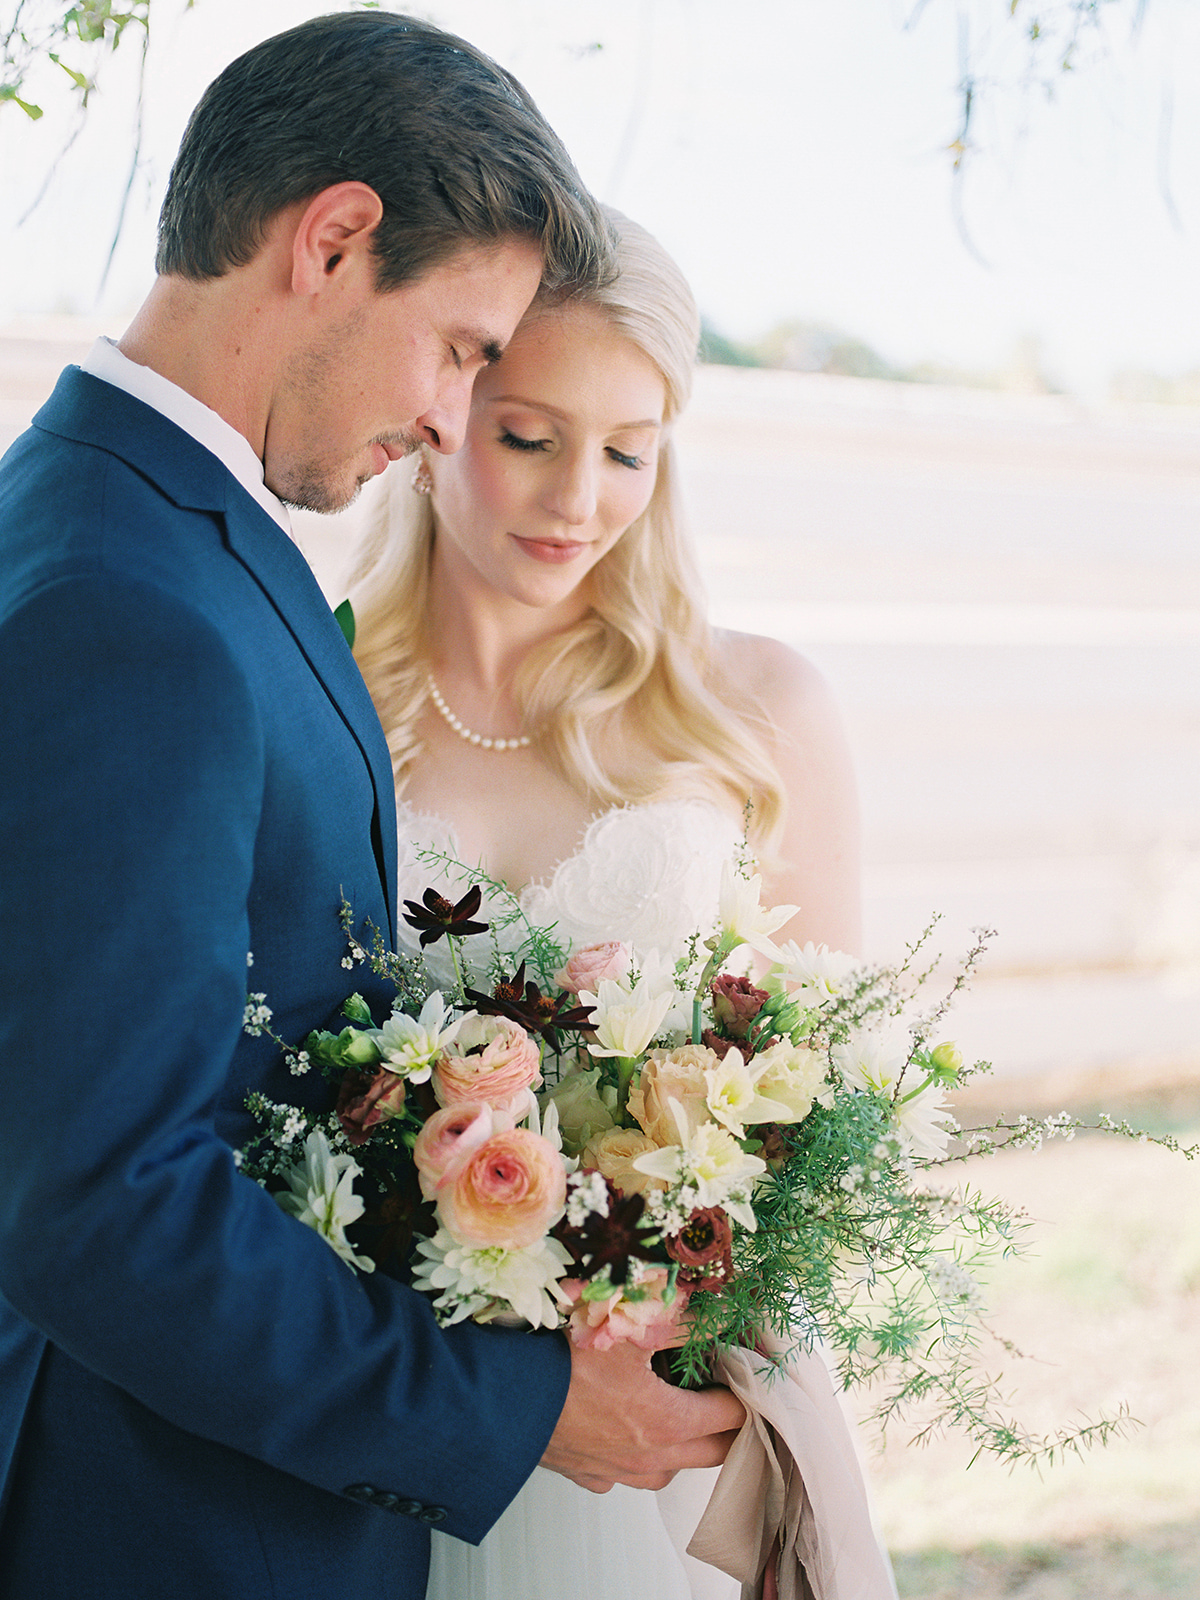 Lukas Wedding - Bride _ Groom-53.jpg